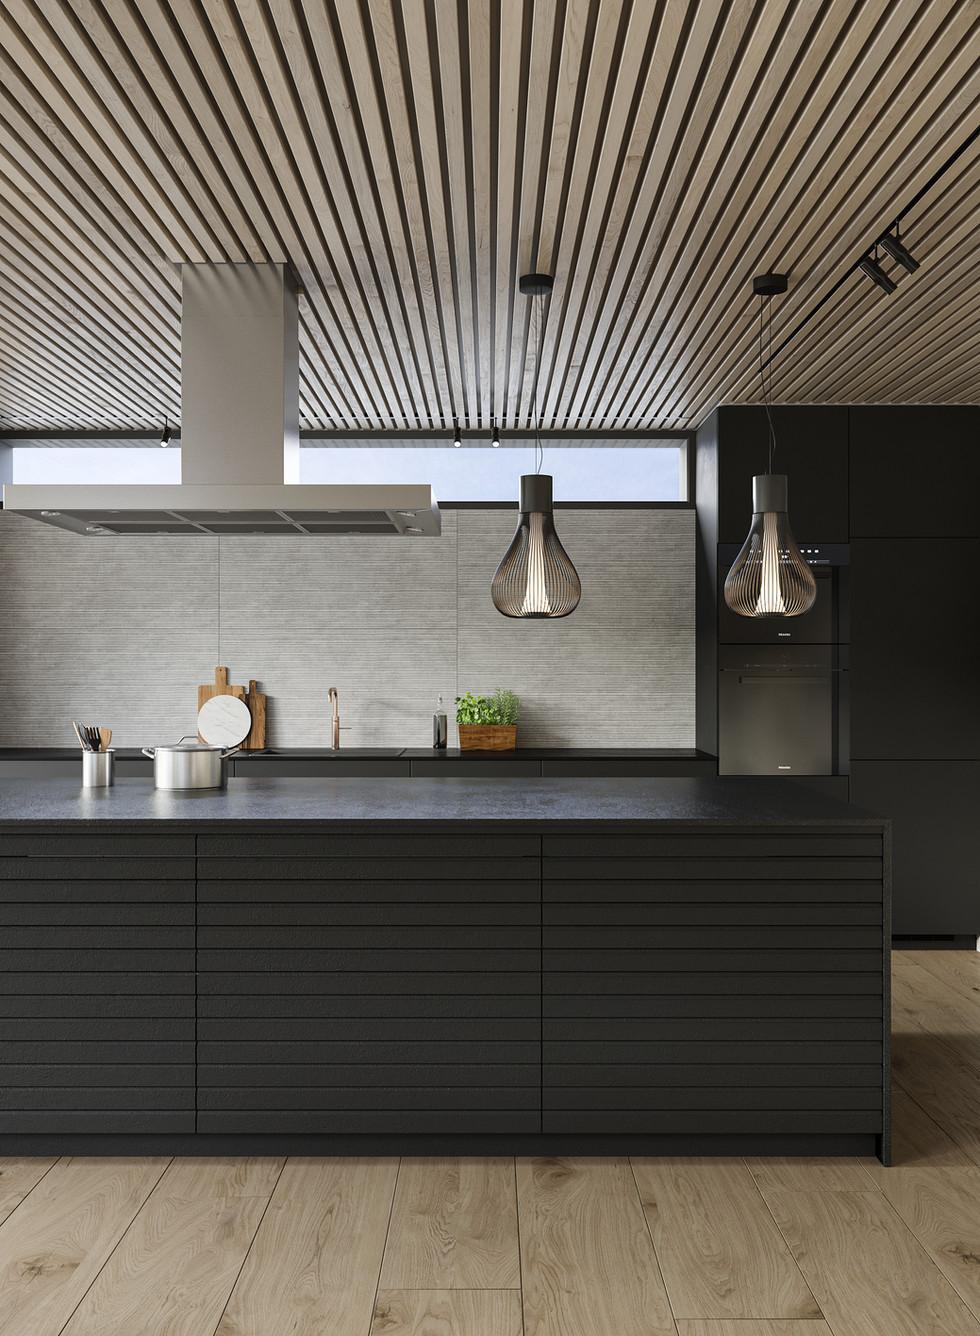 FINAL_Enebakk-house_interior_02_fix1.jpg